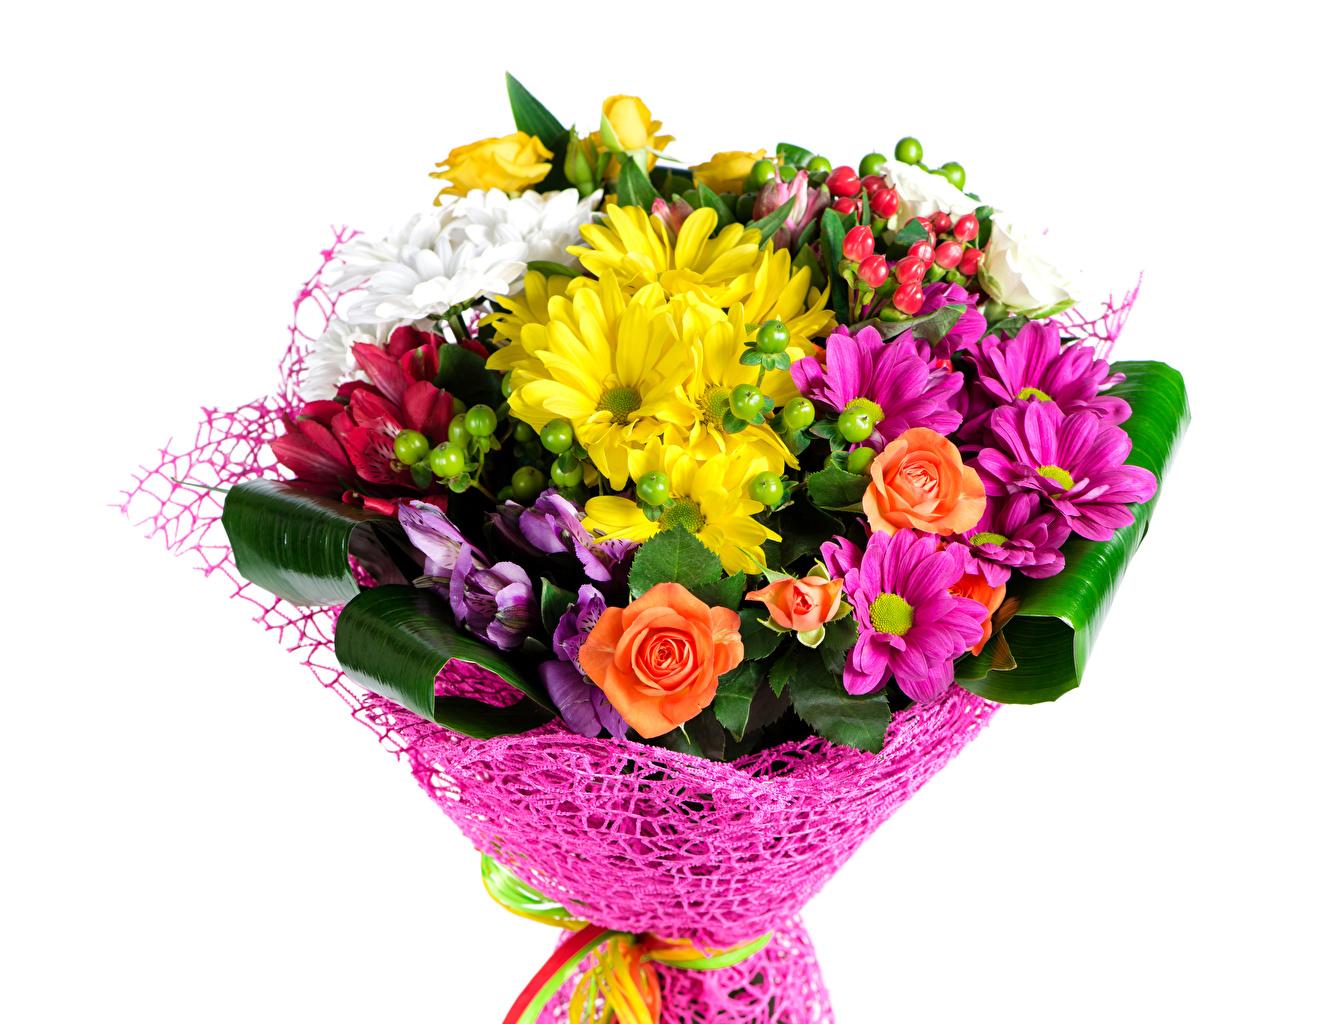 Фото Букеты роза цветок Хризантемы белом фоне букет Розы Цветы Белый фон белым фоном